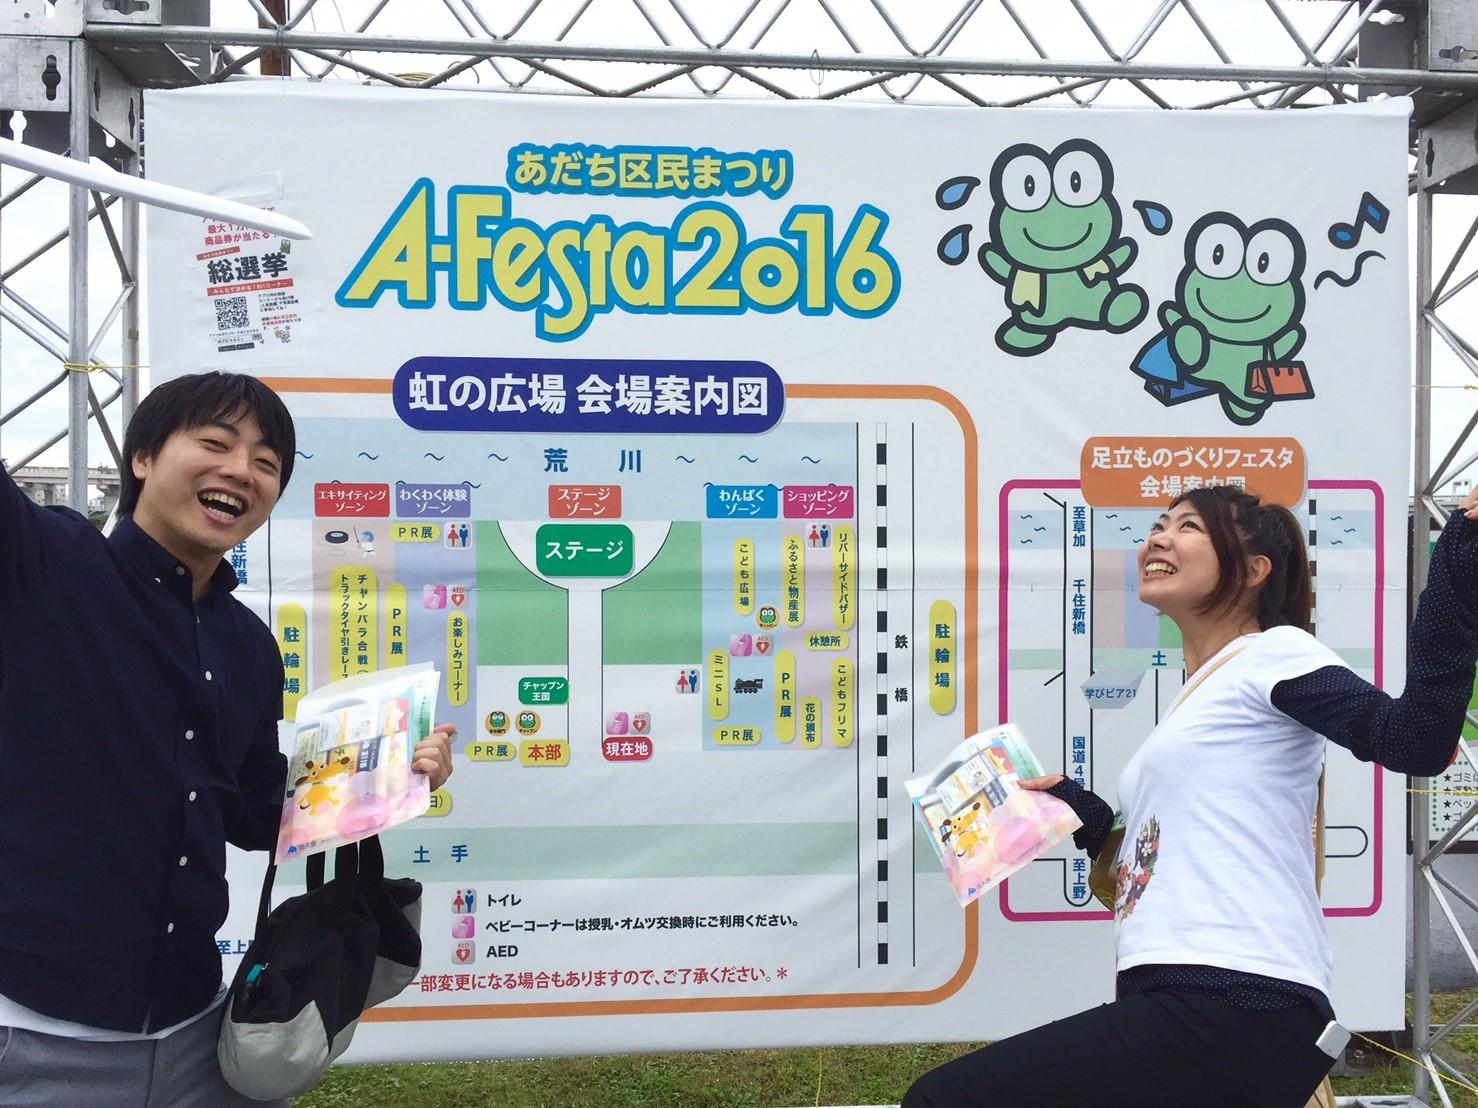 2016年も帰ってきました!あだち区民祭りA-Festa!勇しき足立の武士達と天気との戦い。執念の記録